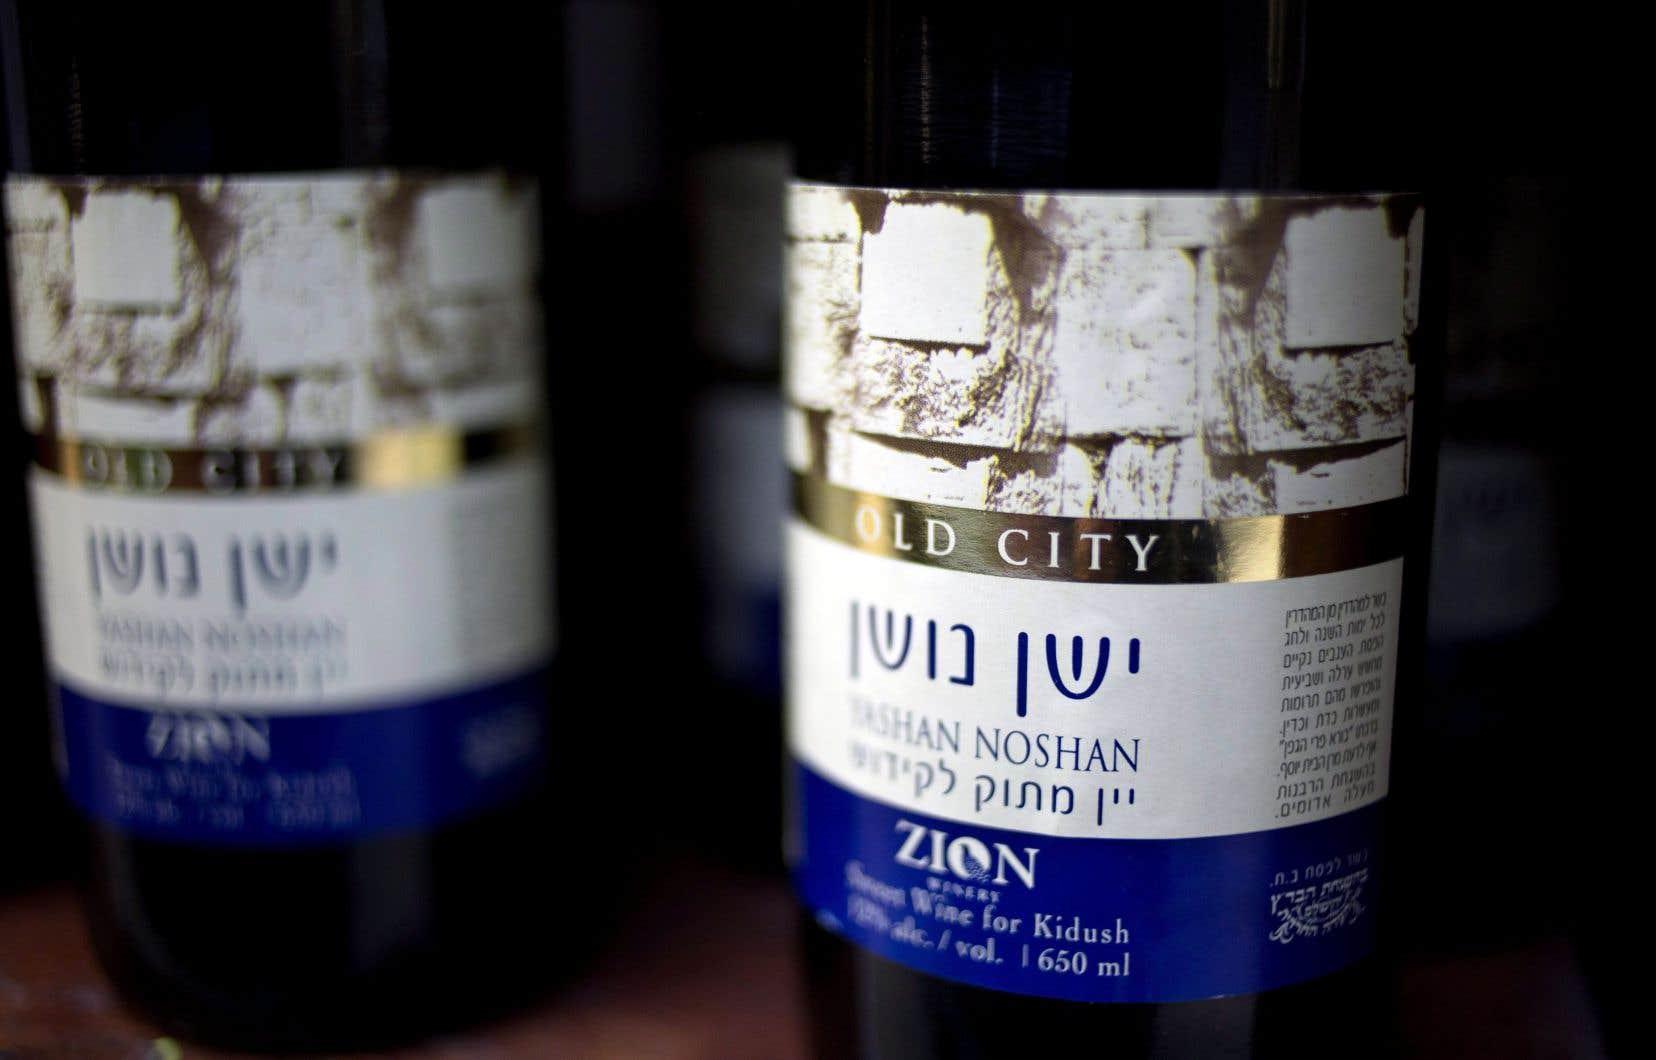 Le plaignant a affirmé que l'étiquetage «Produit d'Israël» de ces vins «facilite l'annexion de facto d'une grande partie de la Cisjordanie par Israël».